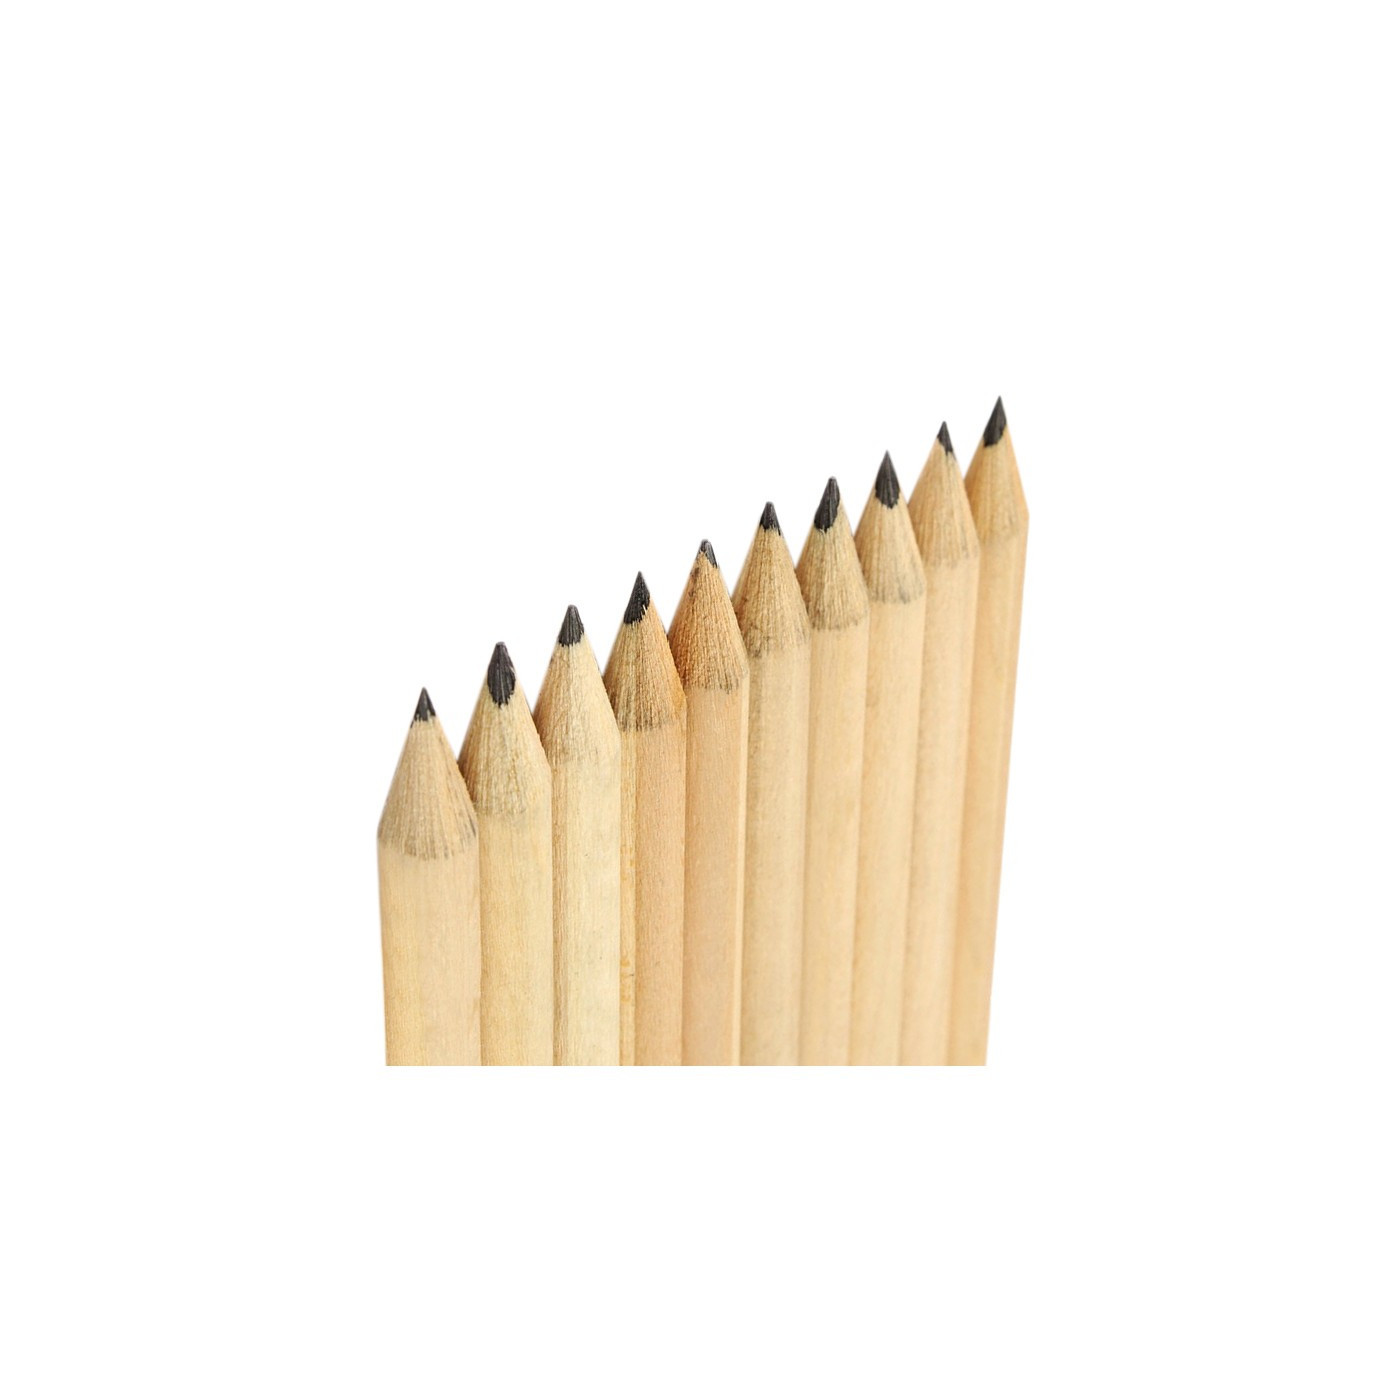 Ensemble de 50 crayons (longueur 19 cm, type 4)